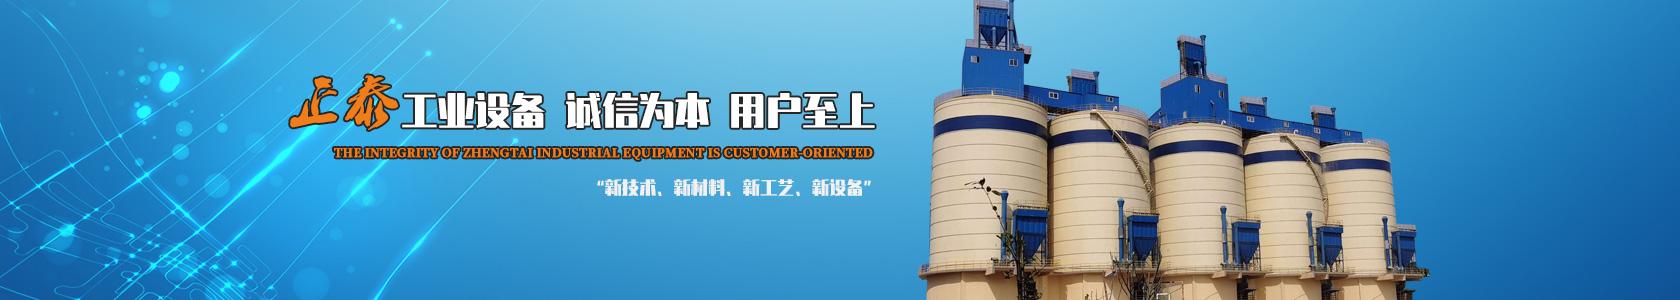 山dong滚球平台工业she备安装有限公司